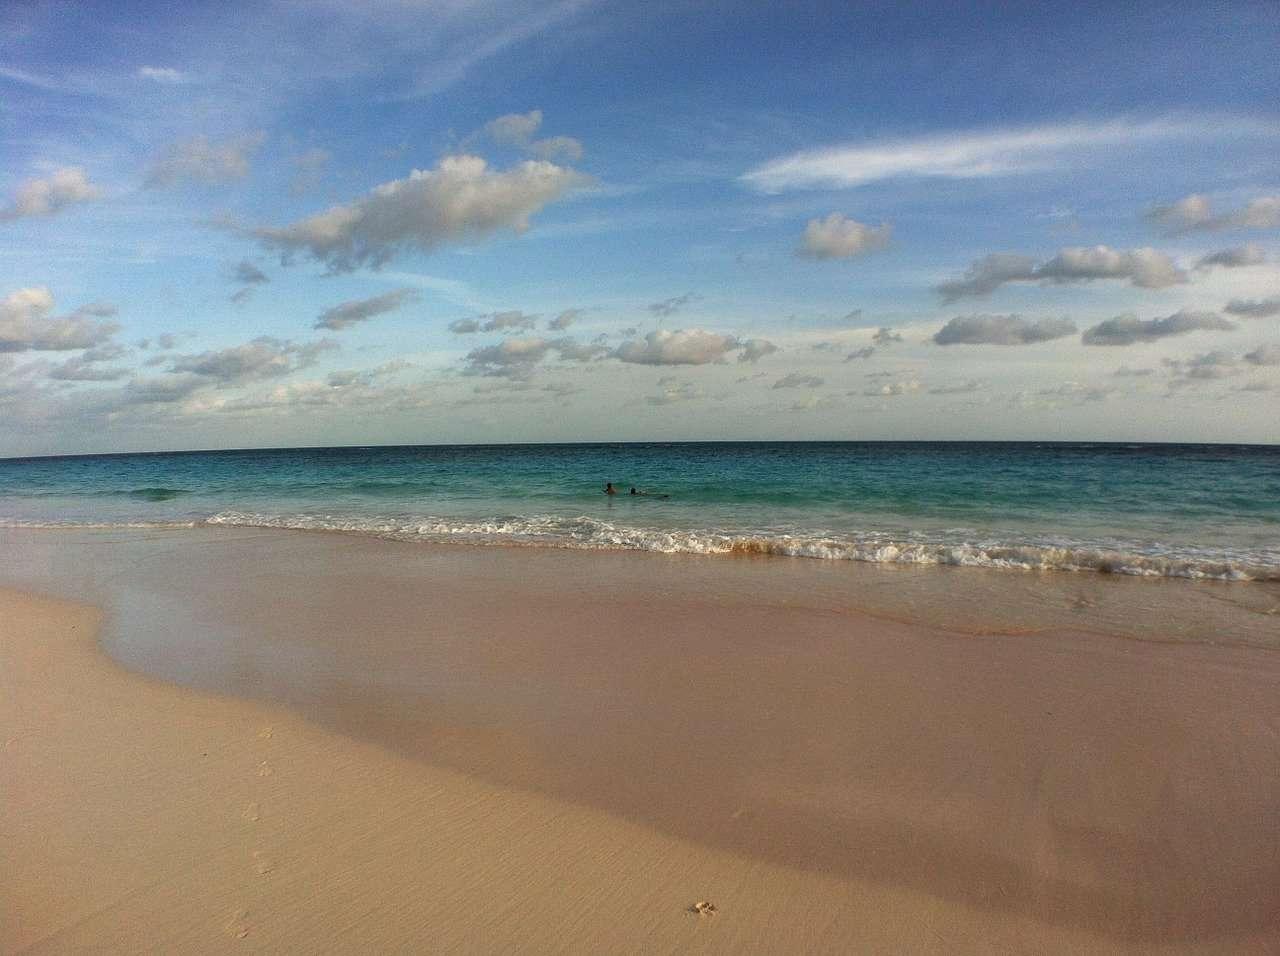 Bermuda - weekend getaway cruises